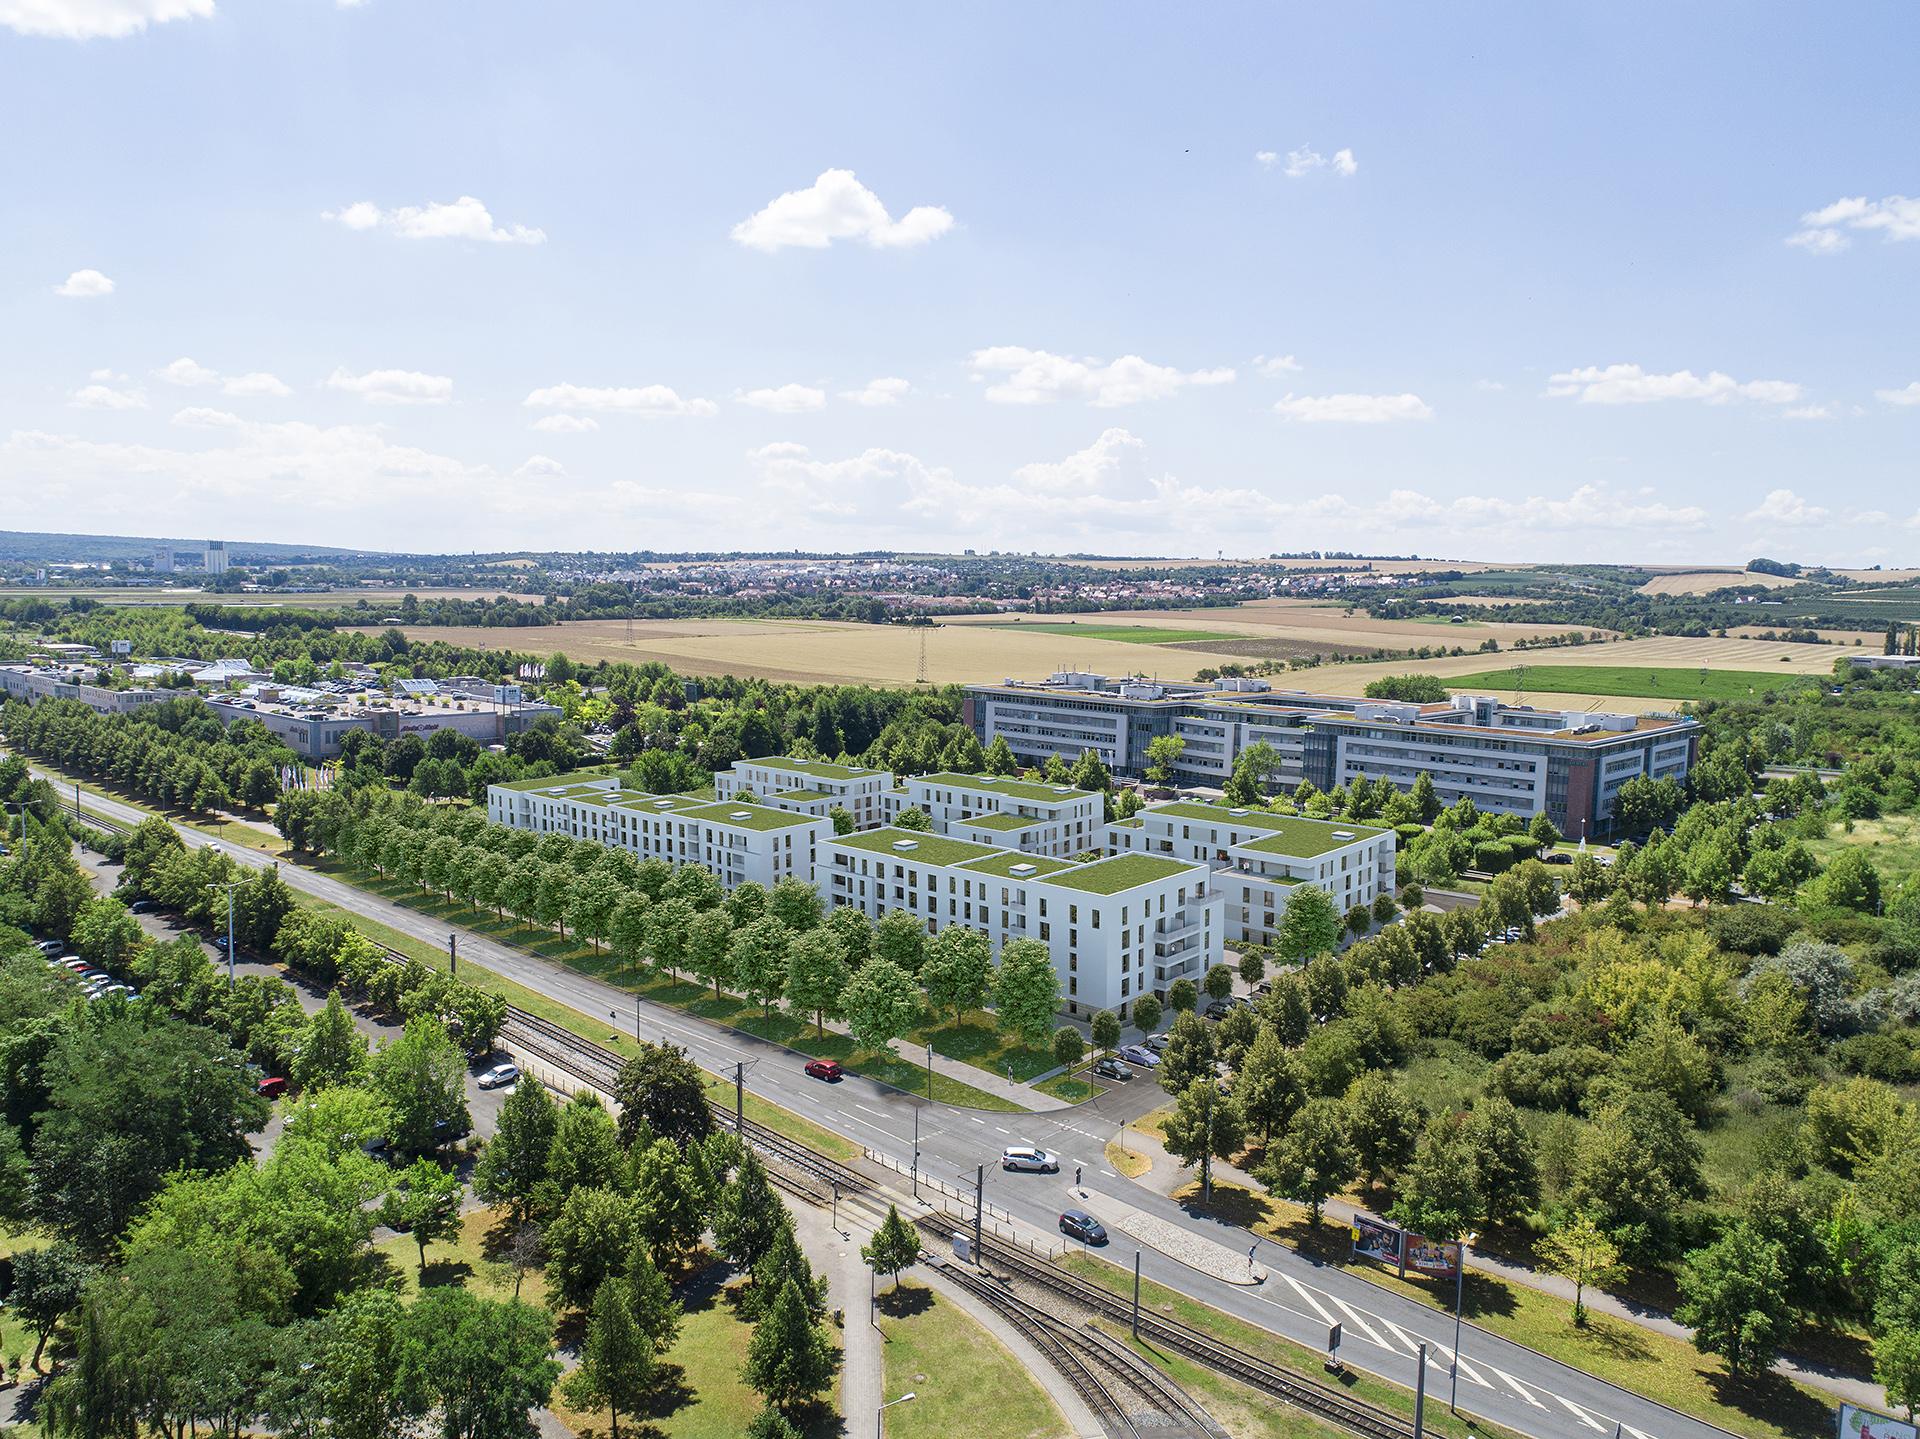 Europakkere ЖК в Германии